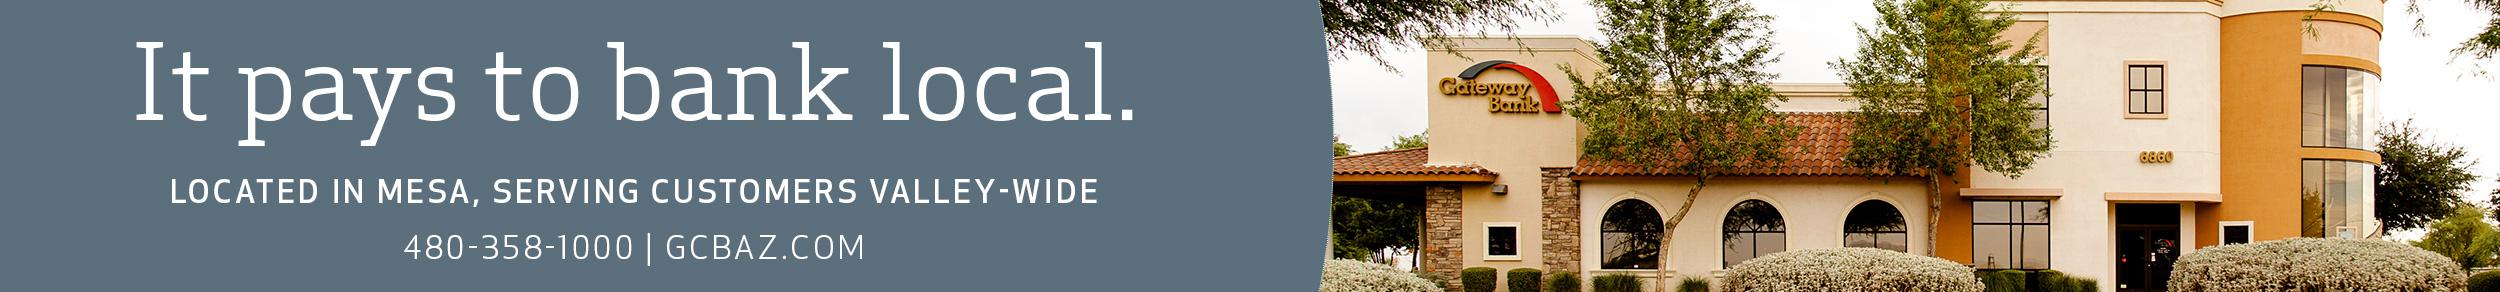 C-gatewaybank-localfirst-bannerad-2500x292px.jpg